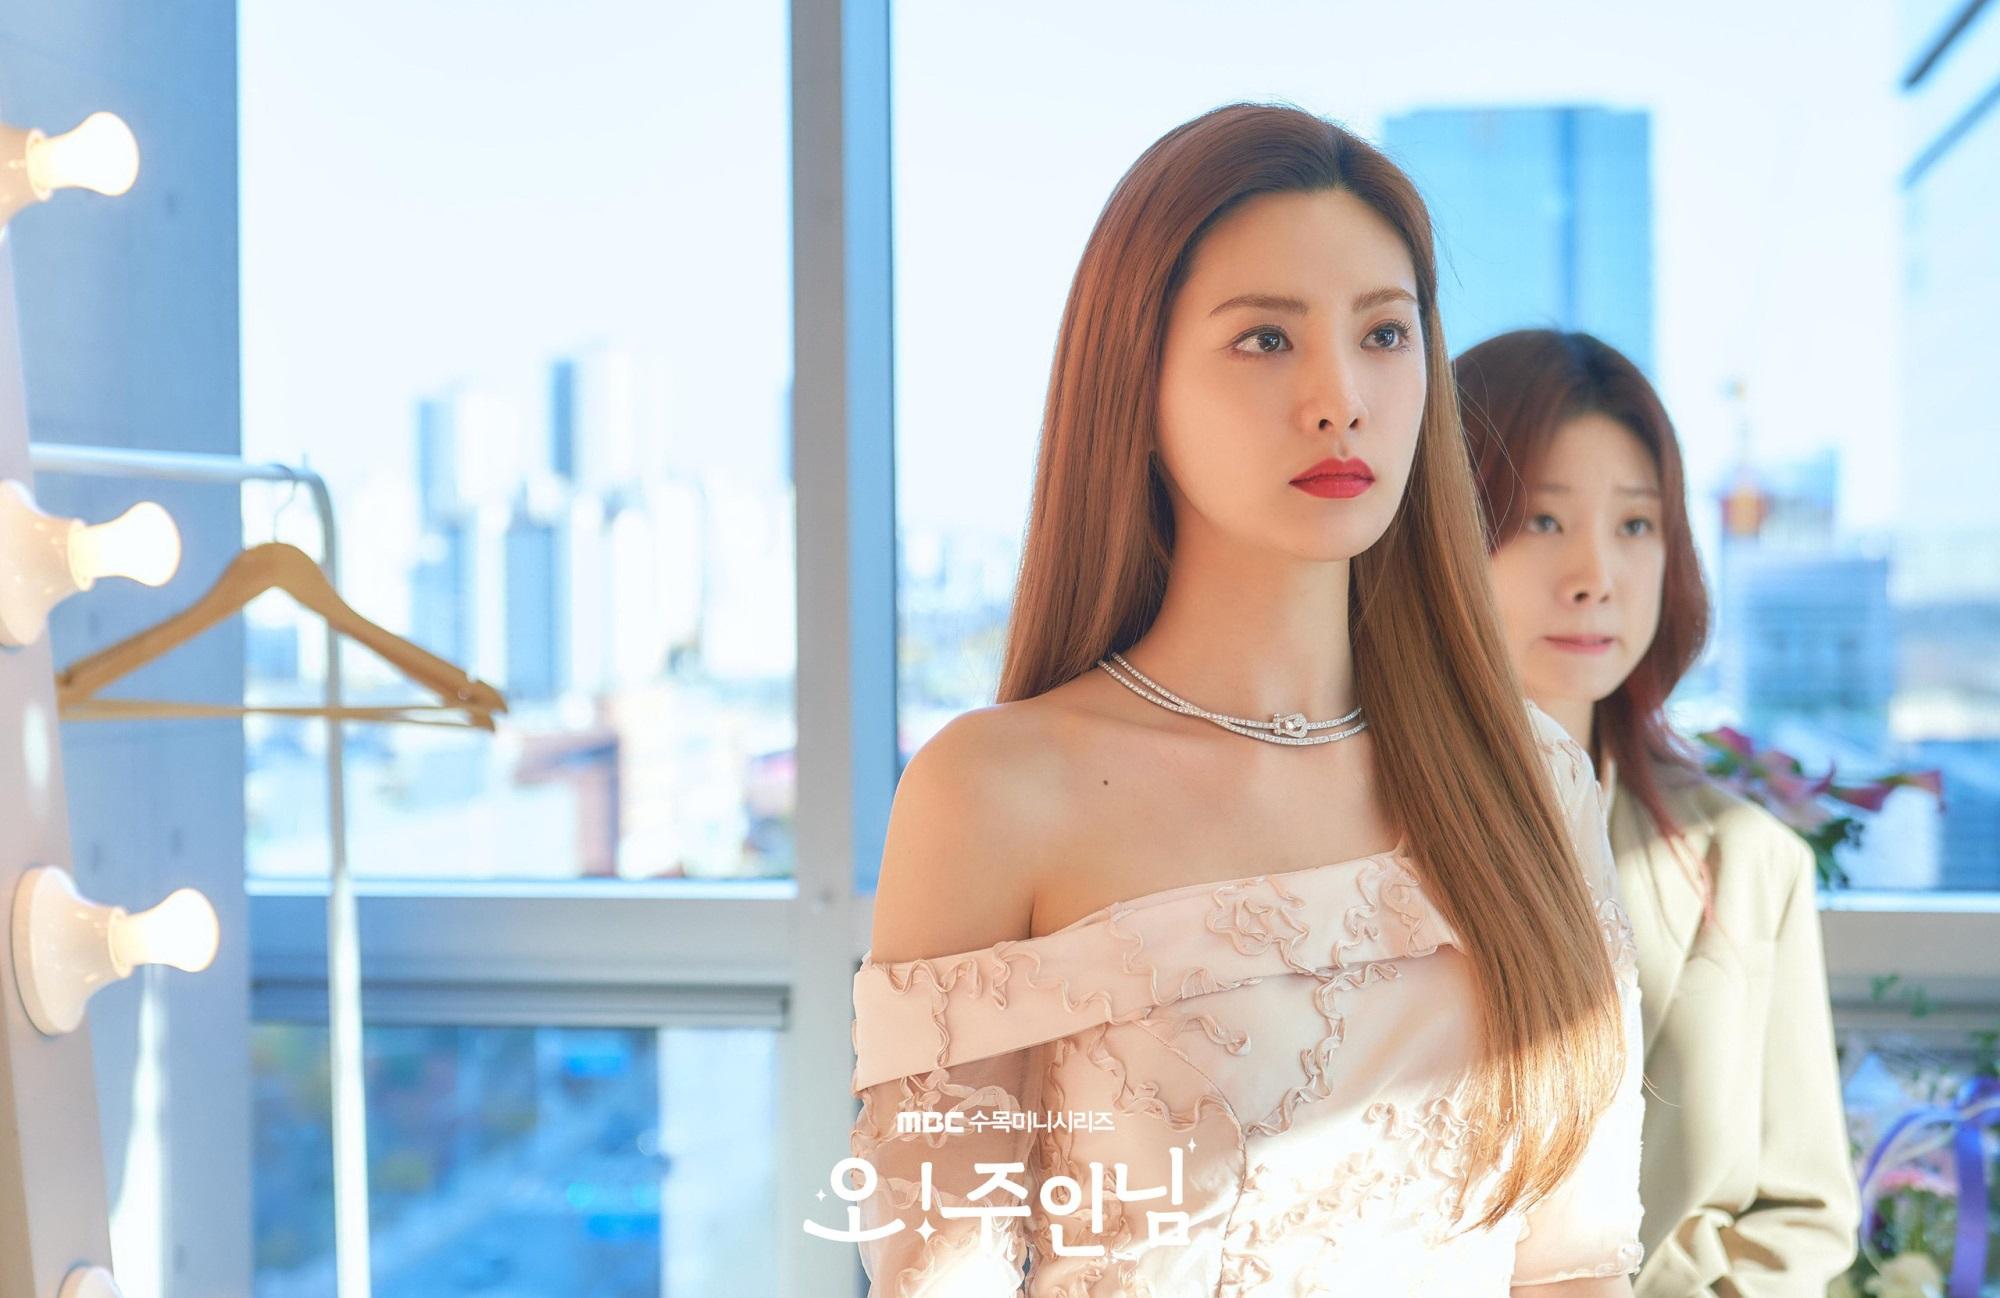 4 màu tóc nhuộm đang hot rần rần trong phim Hàn, chị em áp dụng thì độ sang chảnh lên một tầm cao mới - Ảnh 2